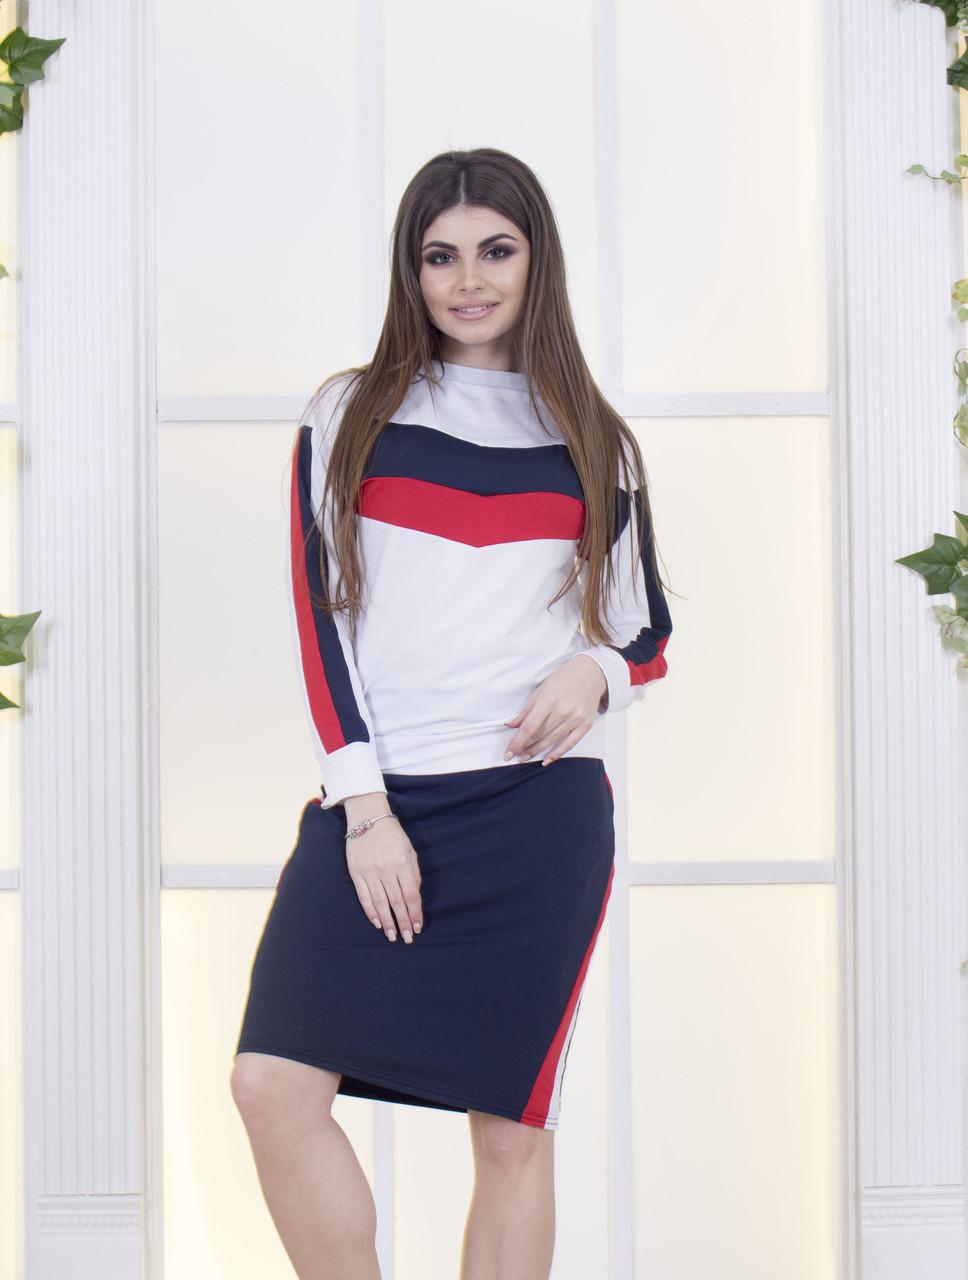 e385b274ab2 Женский спортивный костюм с юбкой - LOOK в Днепре